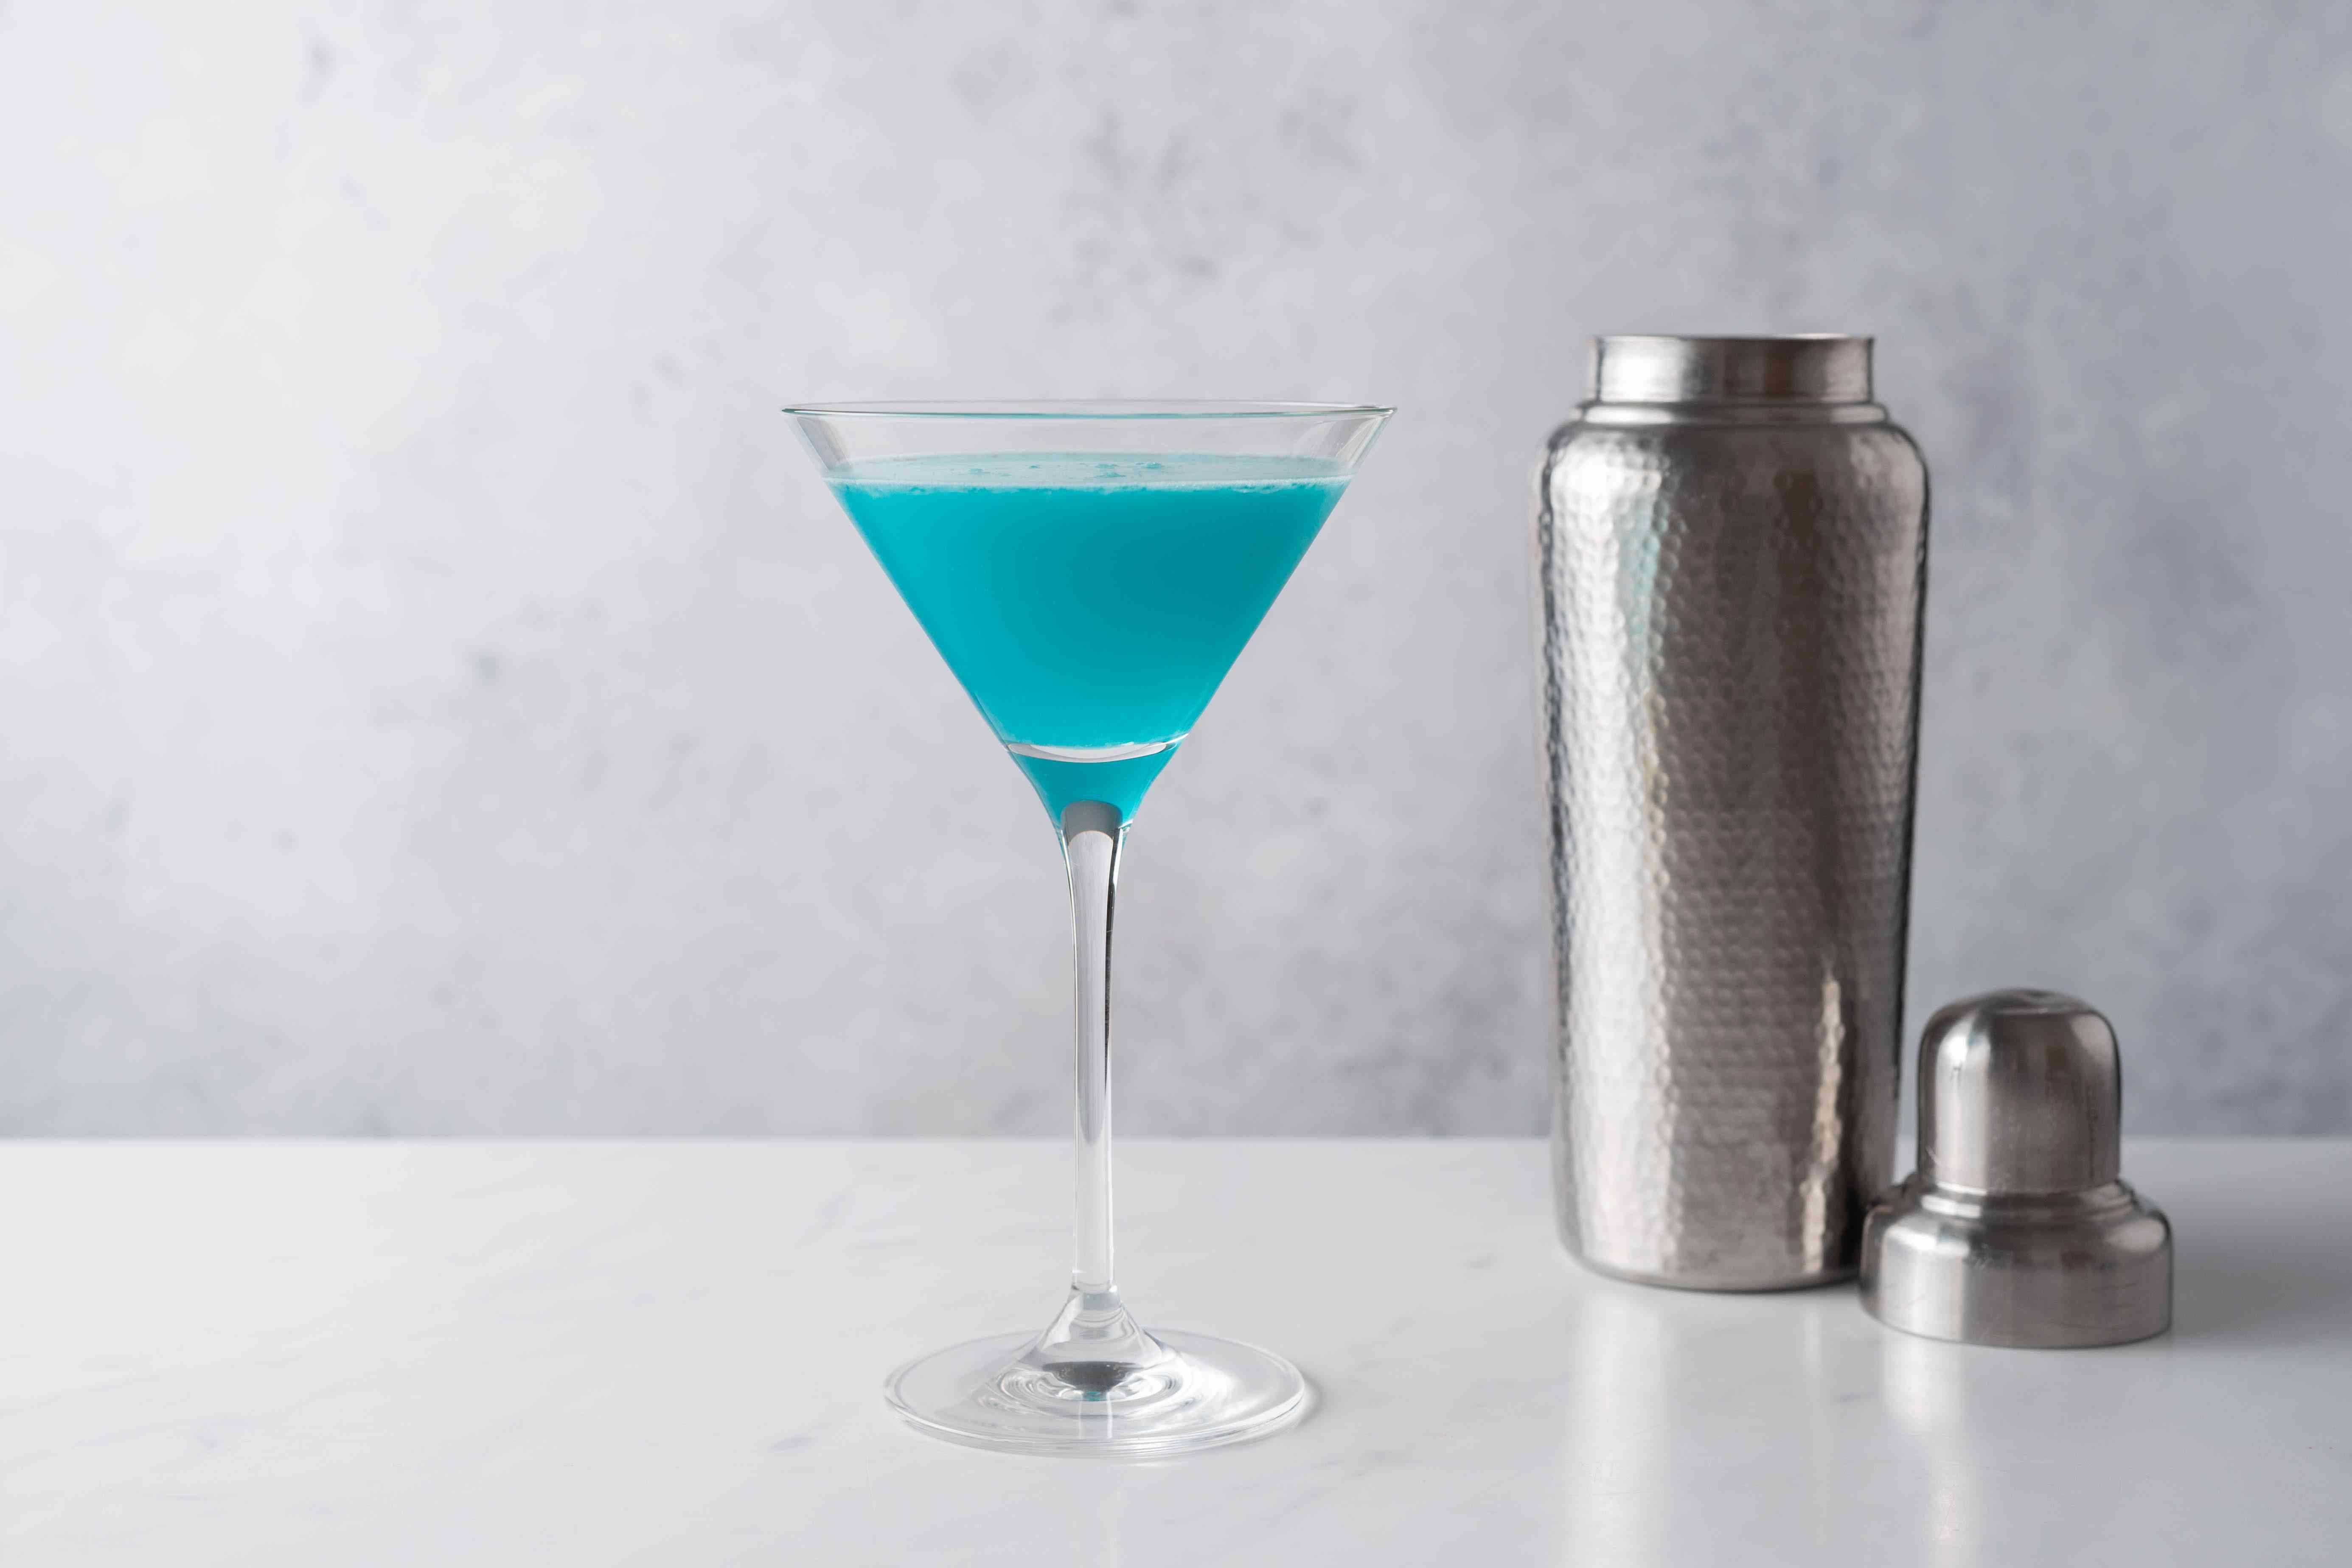 Deep Blue Sea Martini in a martini glass